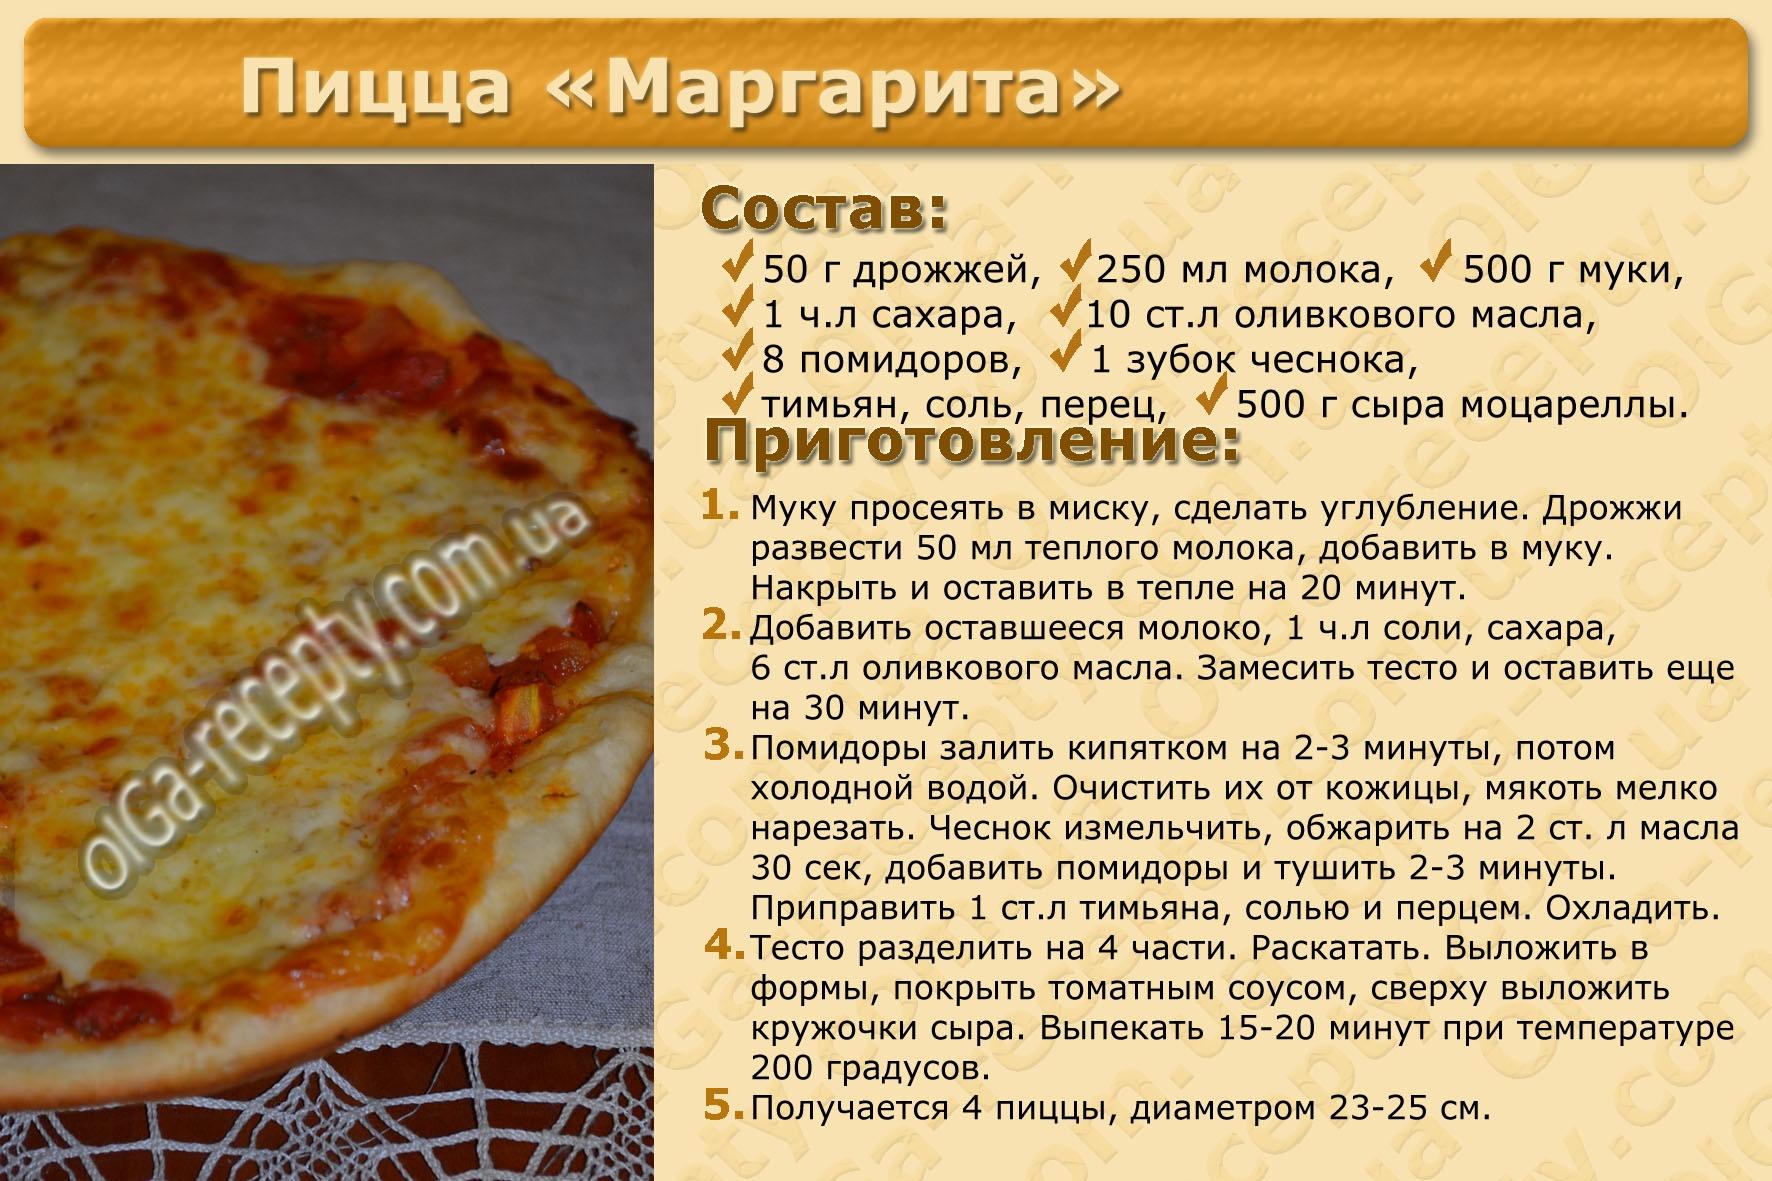 Рецепты для пиццы в домашних условиях